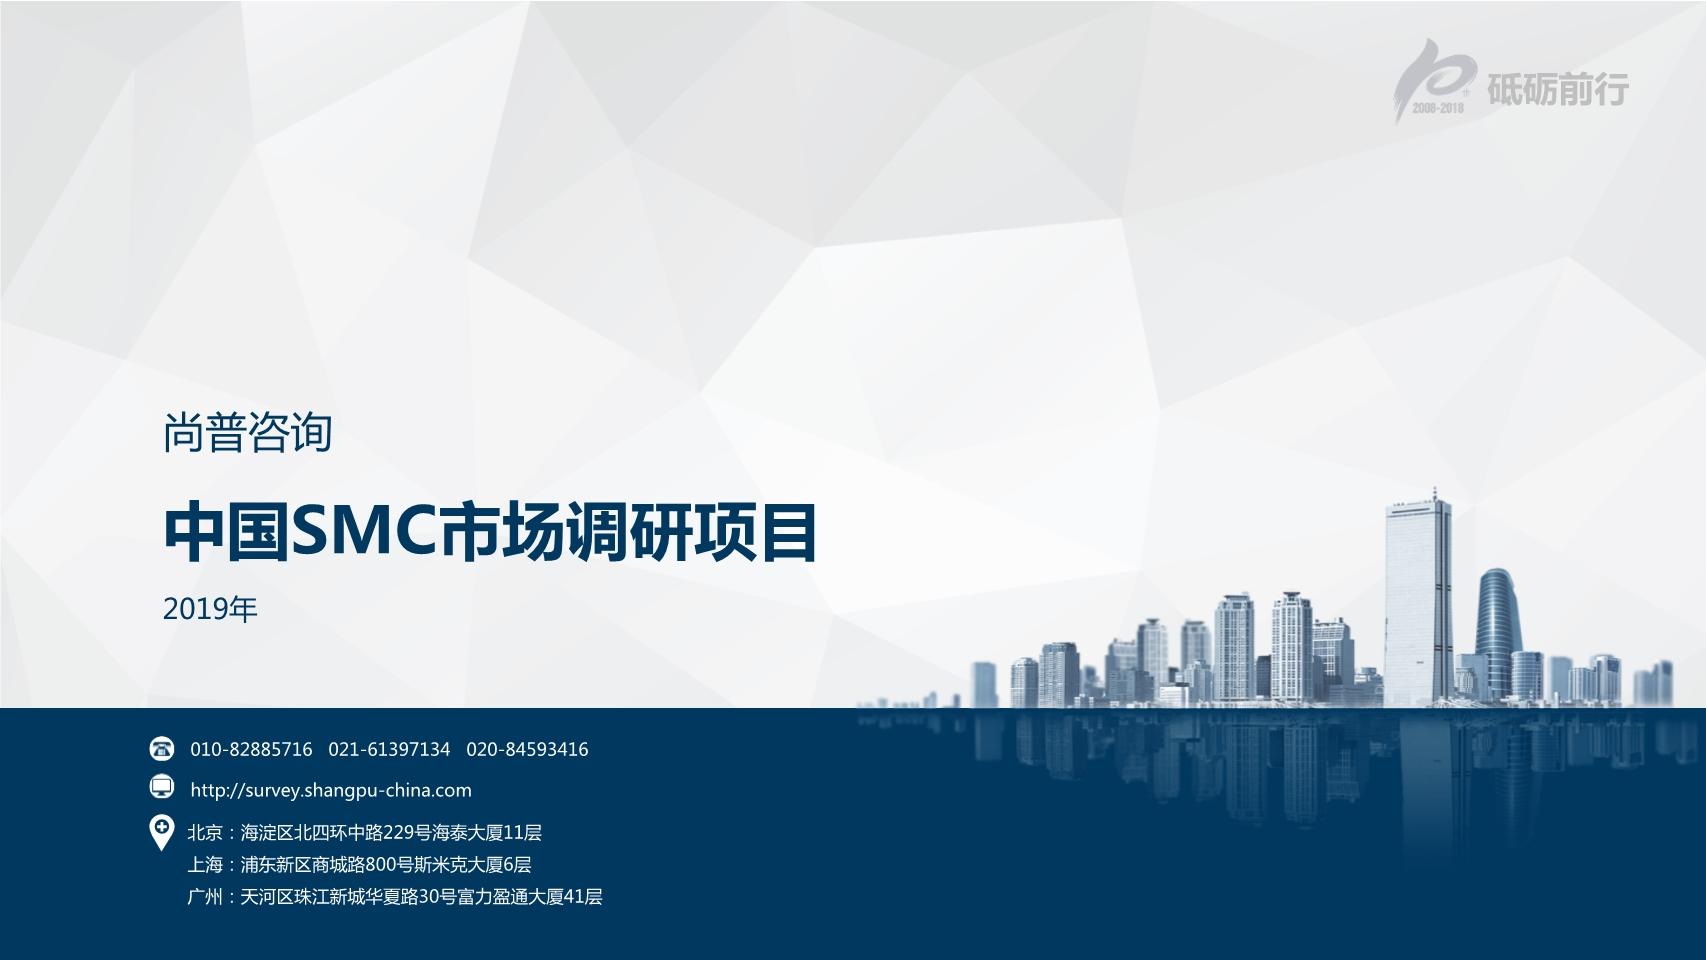 252中国SMC市场调研项目